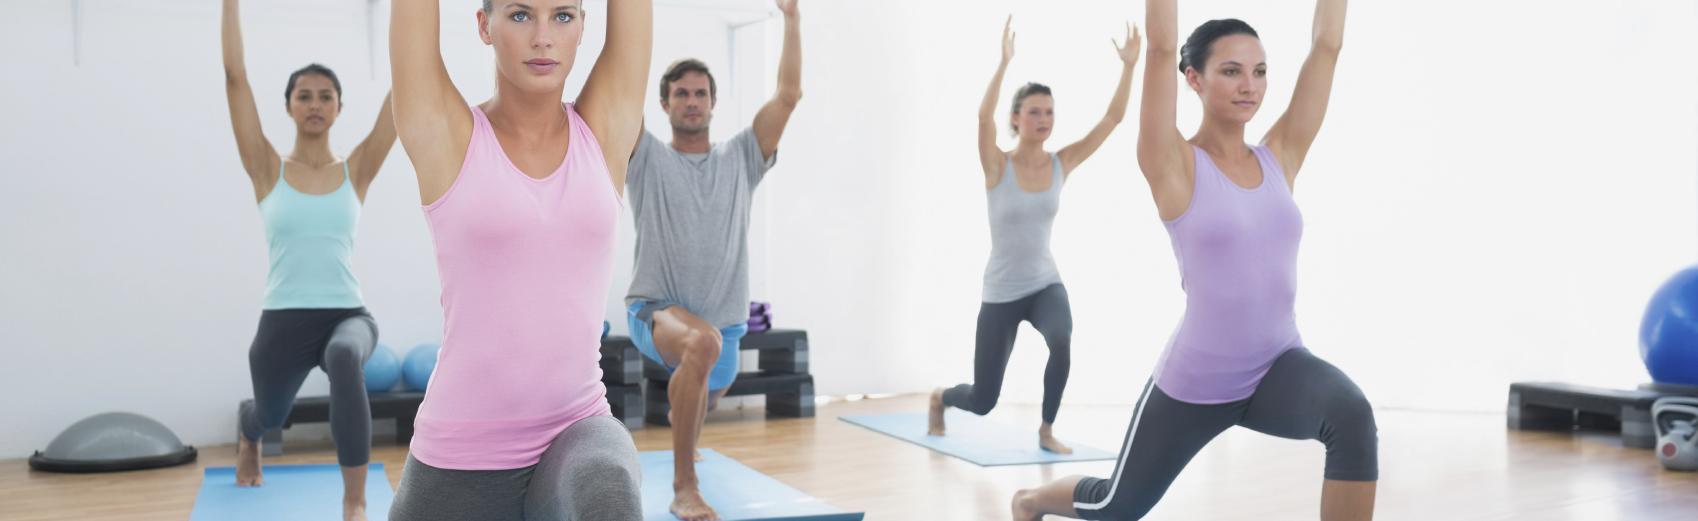 Le pilates – du nom du fondateur Joseph Pilates – vise à rééquilibrer les muscles profonds et superficiels afin d'acquérir un corps sain et performant au quotidien.  Aux sports universitaires, les exercices au sol sur tapis permettent d'acquérir les bases de la méthode et de bénéficier d'un assouplissement et d'un renforcement musculaire équilibré.